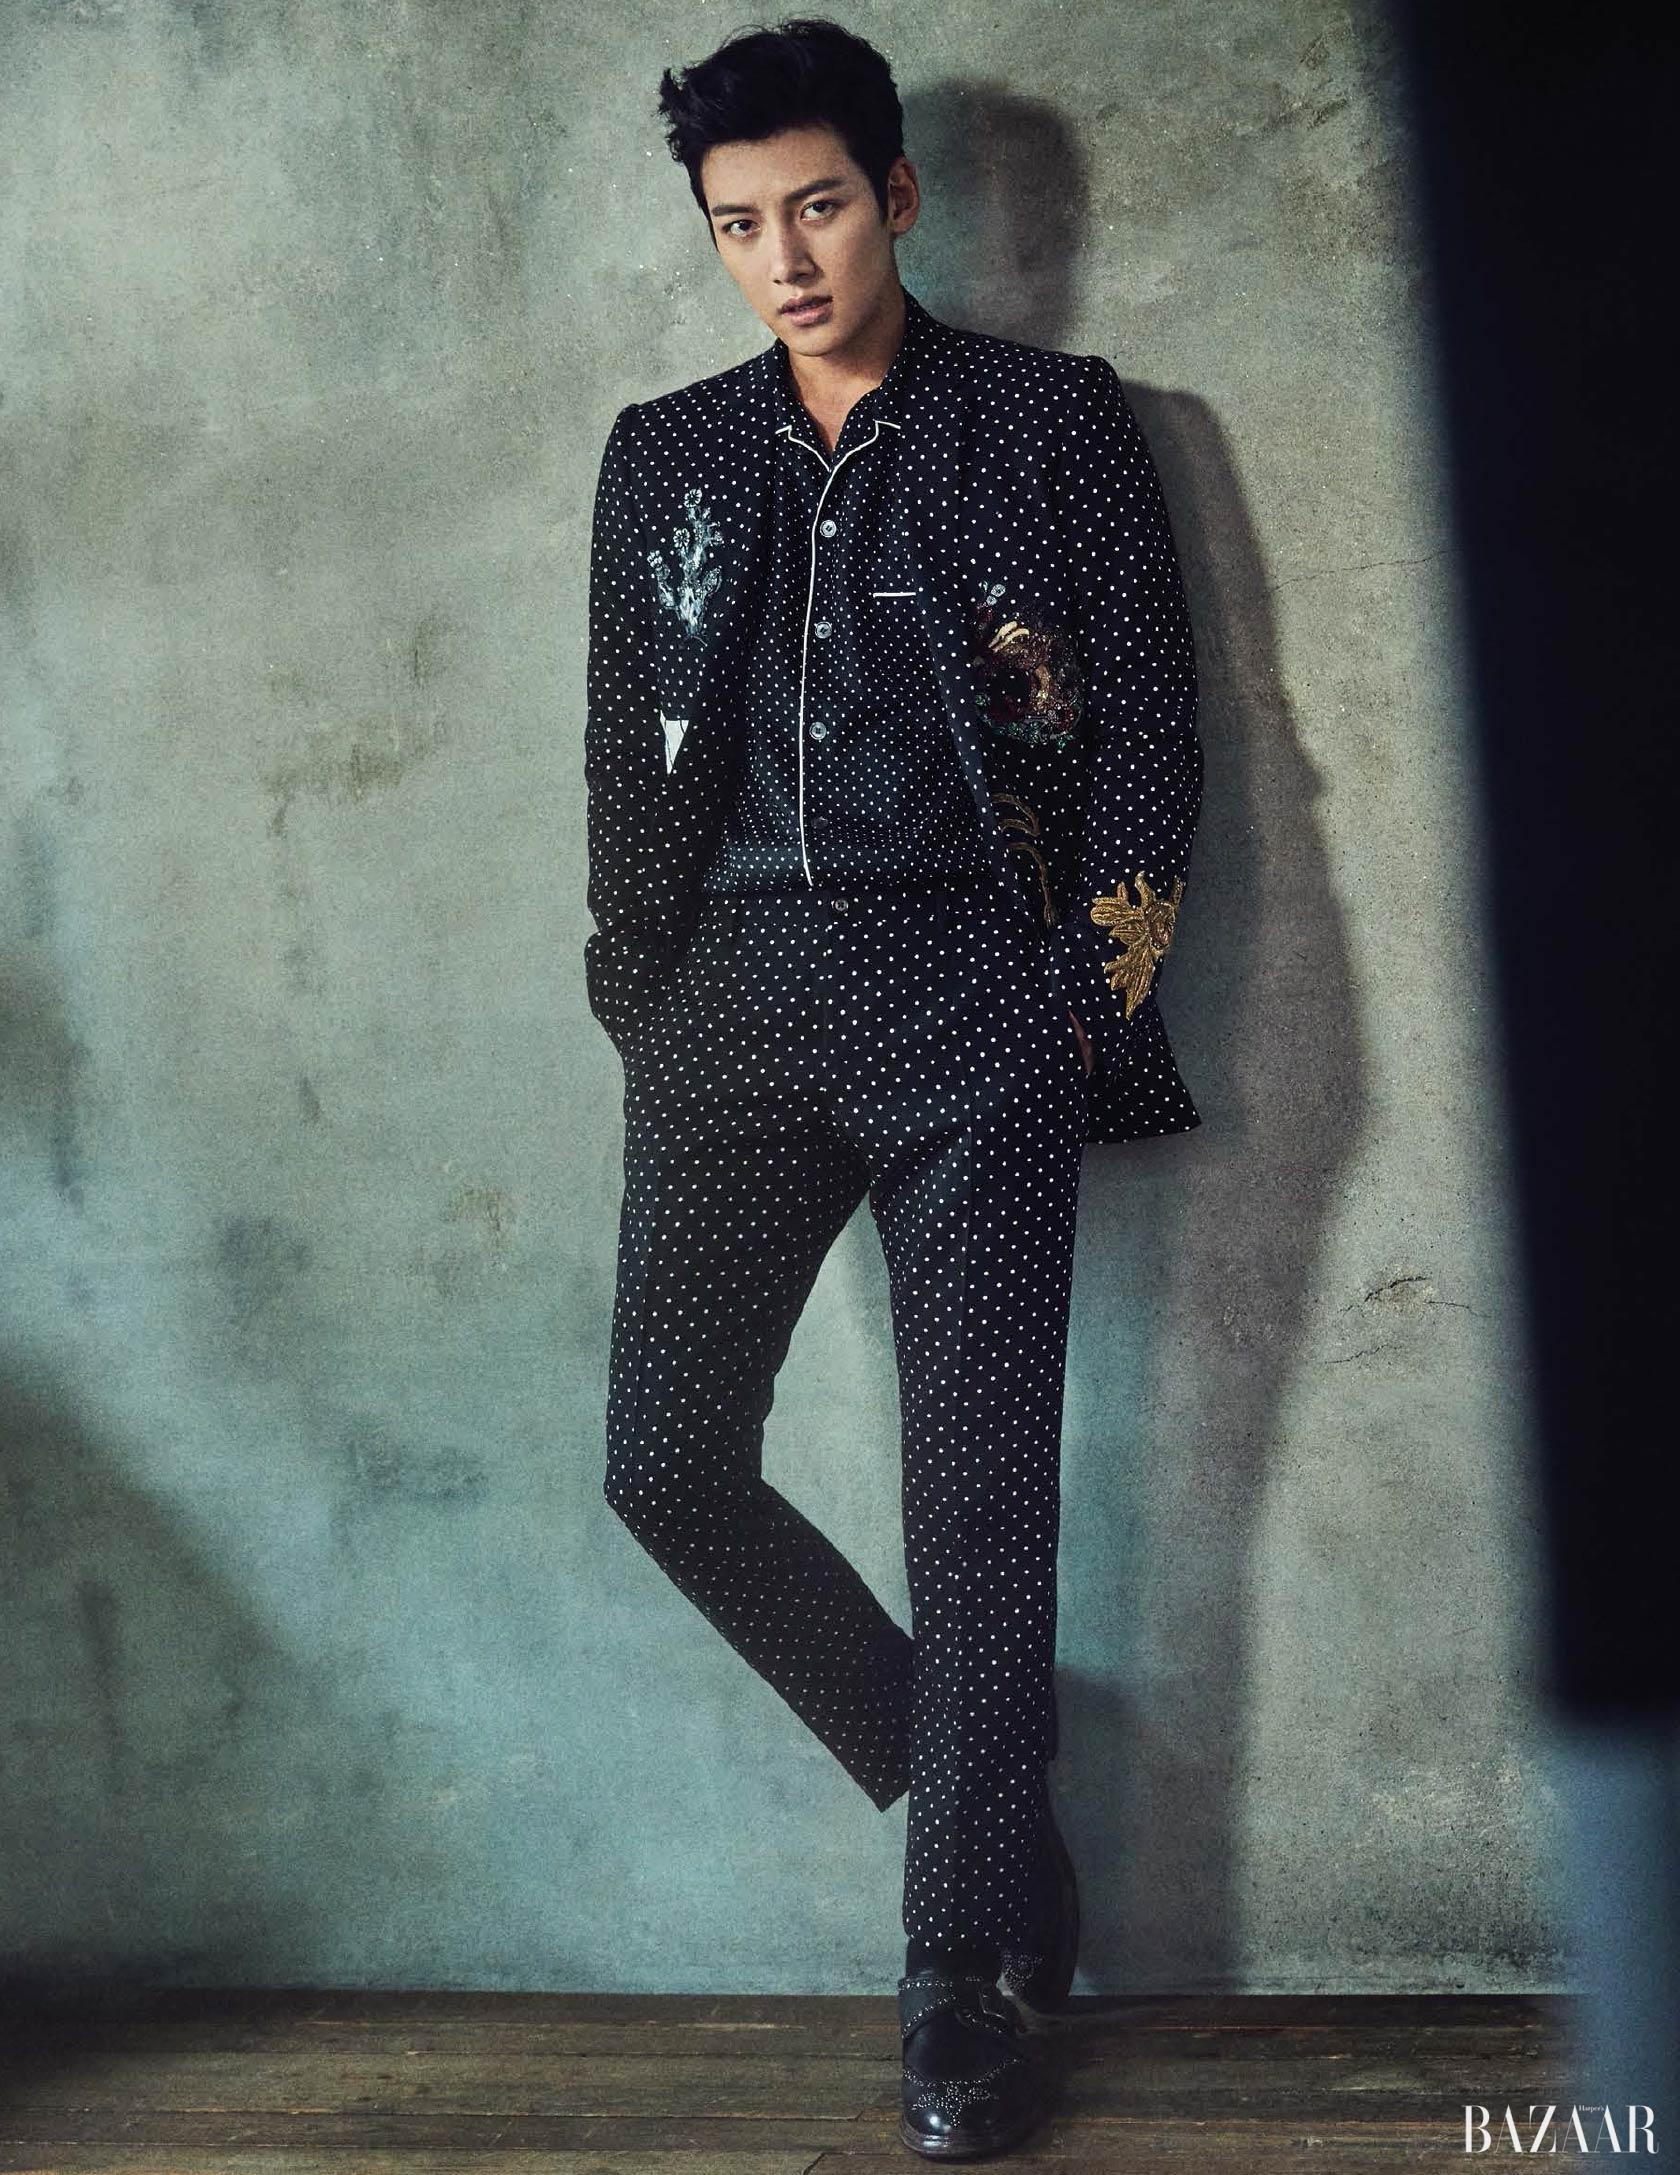 재킷, 셔츠, 팬츠, 슈즈는 모두 <strong>Dolce & Gabbana</strong> 제품.